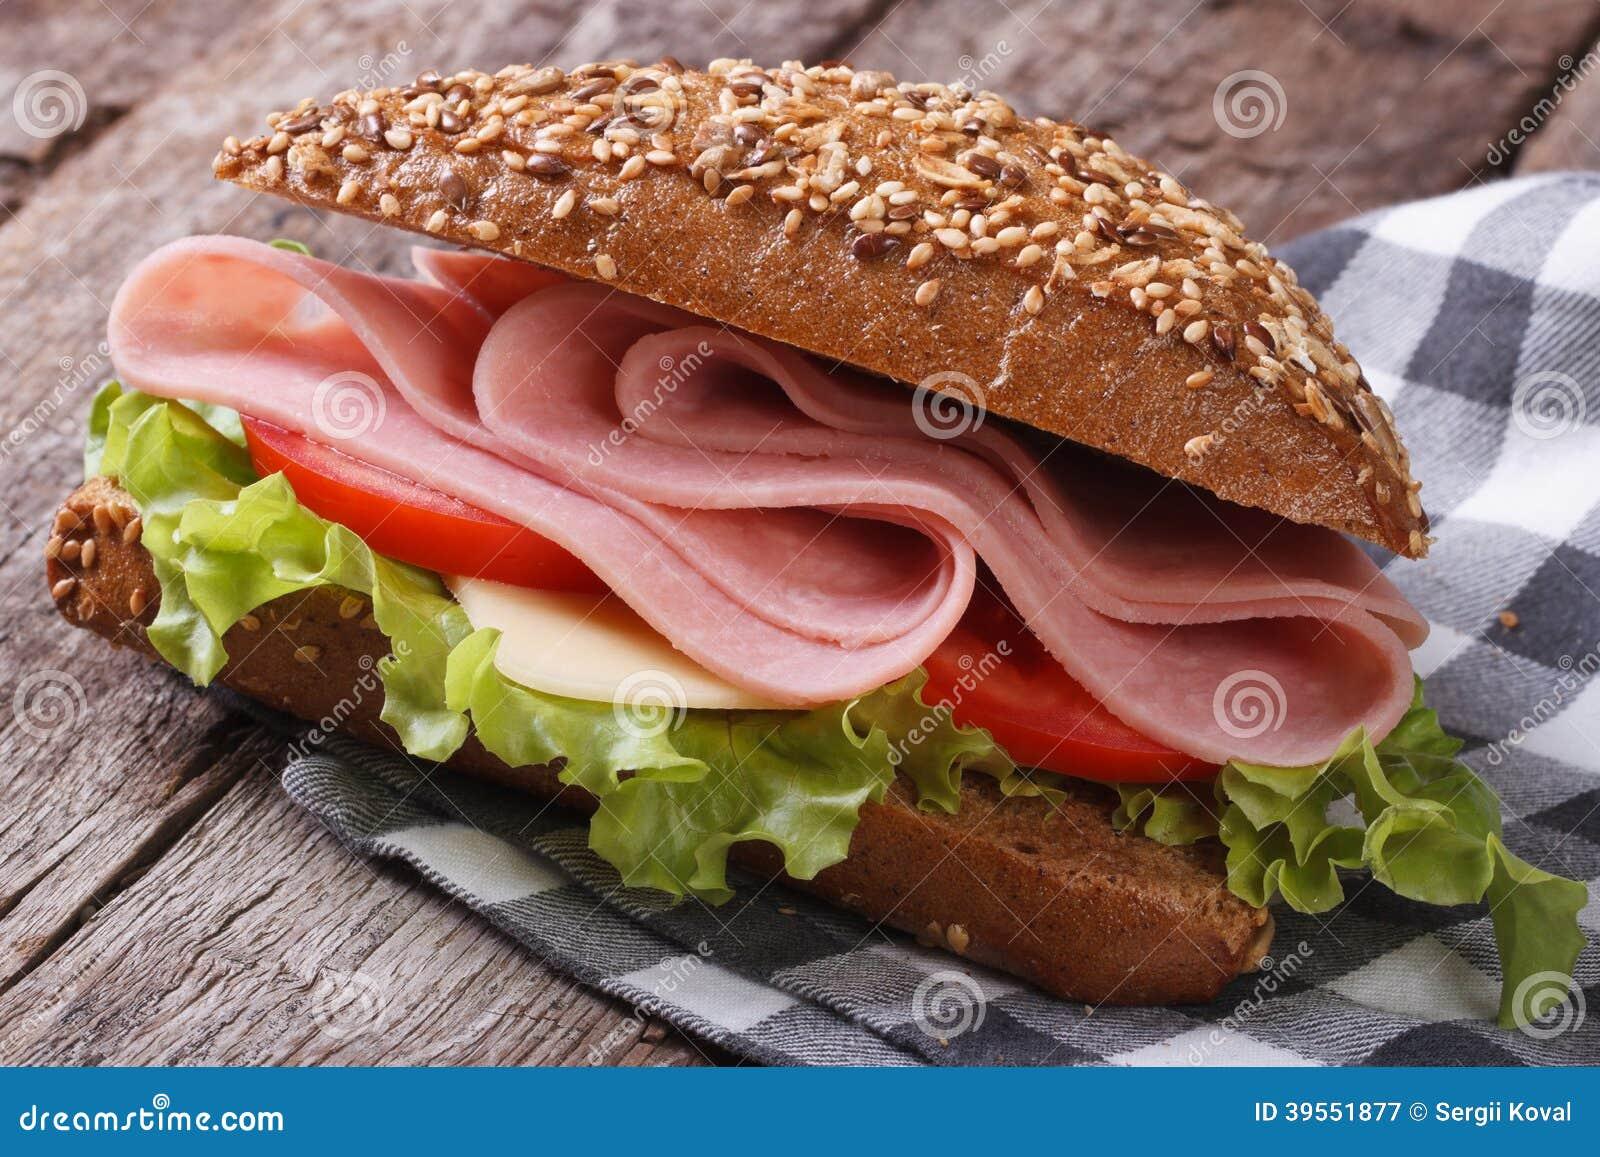 Sandwich mit Schinken, Kopfsalat und Tomaten auf einer alten Tabelle